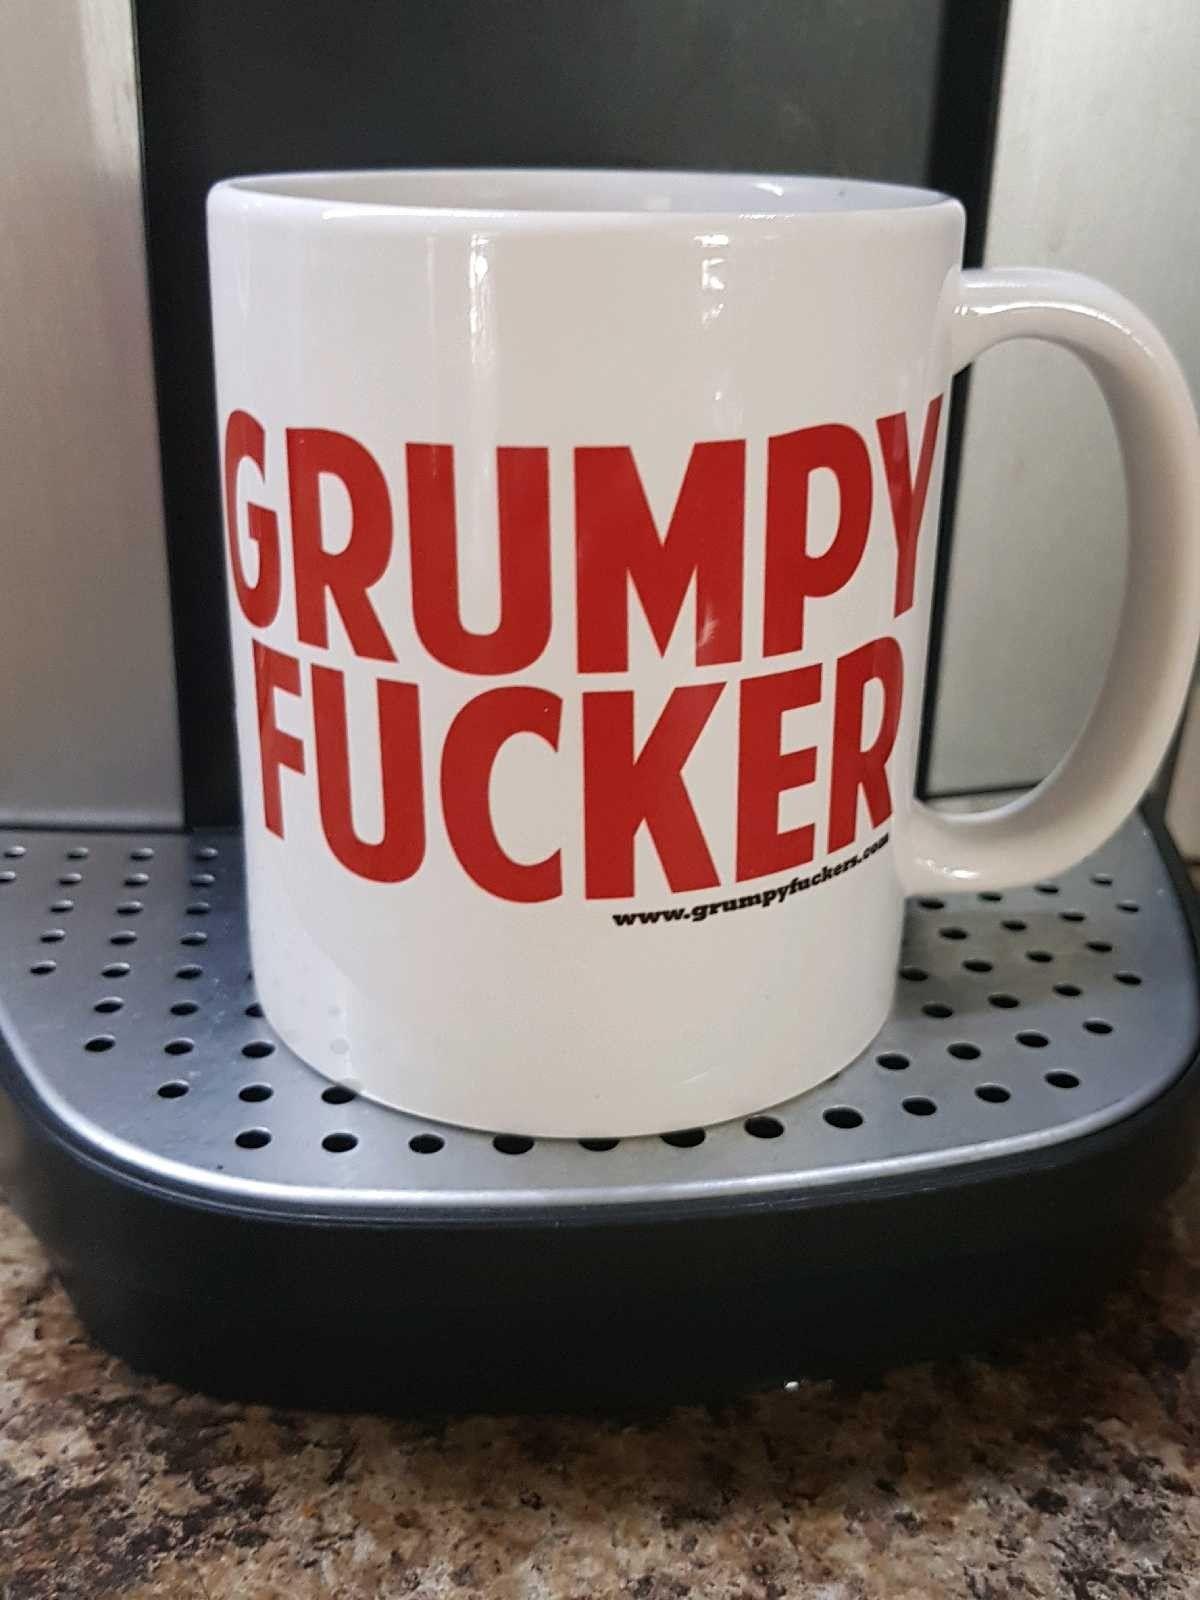 Pin By Amanda Cicchinelli On Mugs Mugs Cafe Cool Mugs Funny Coffee Mugs